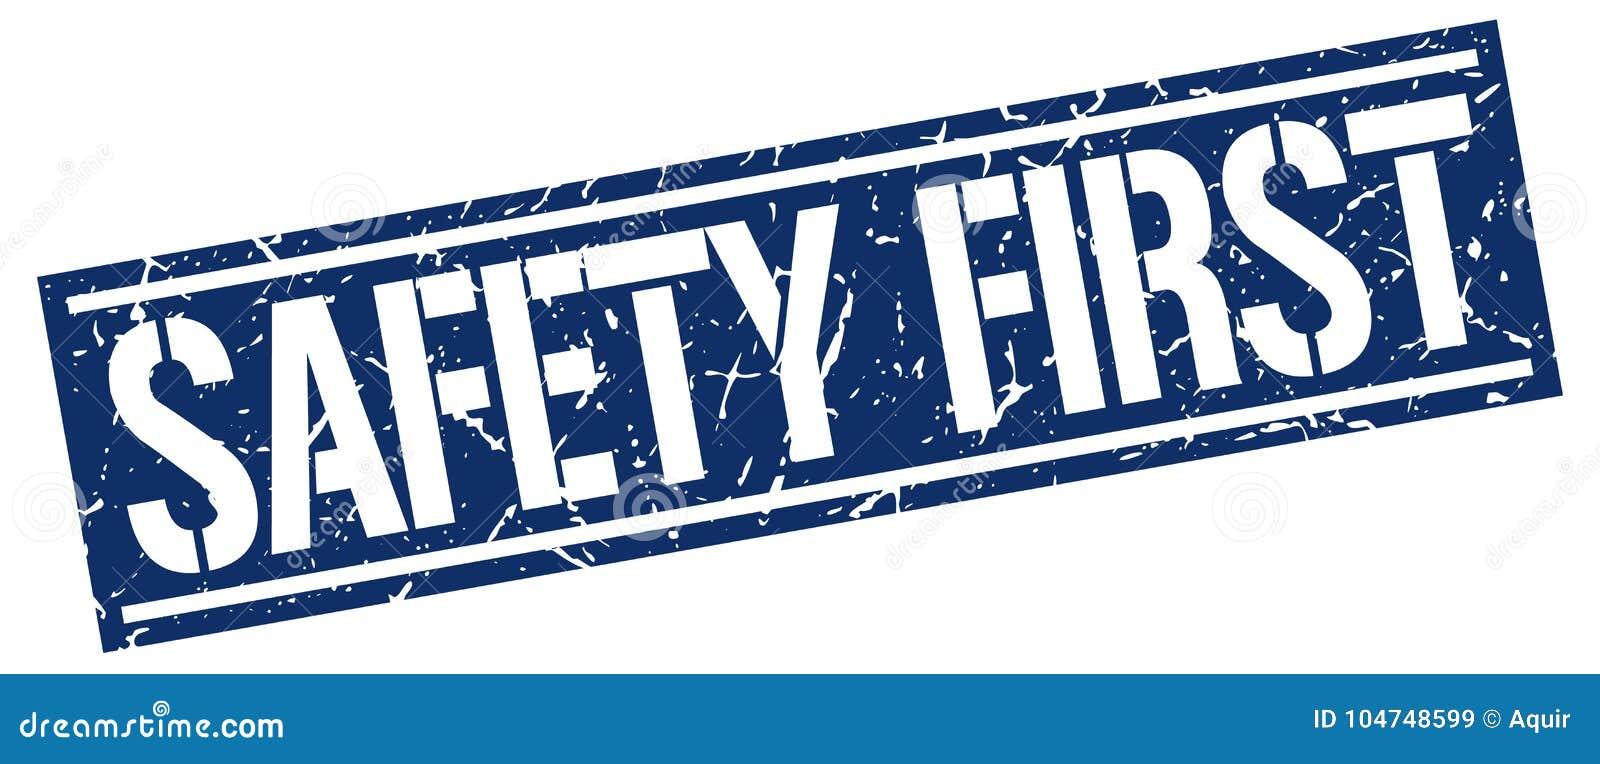 Säkerhet stämplar först